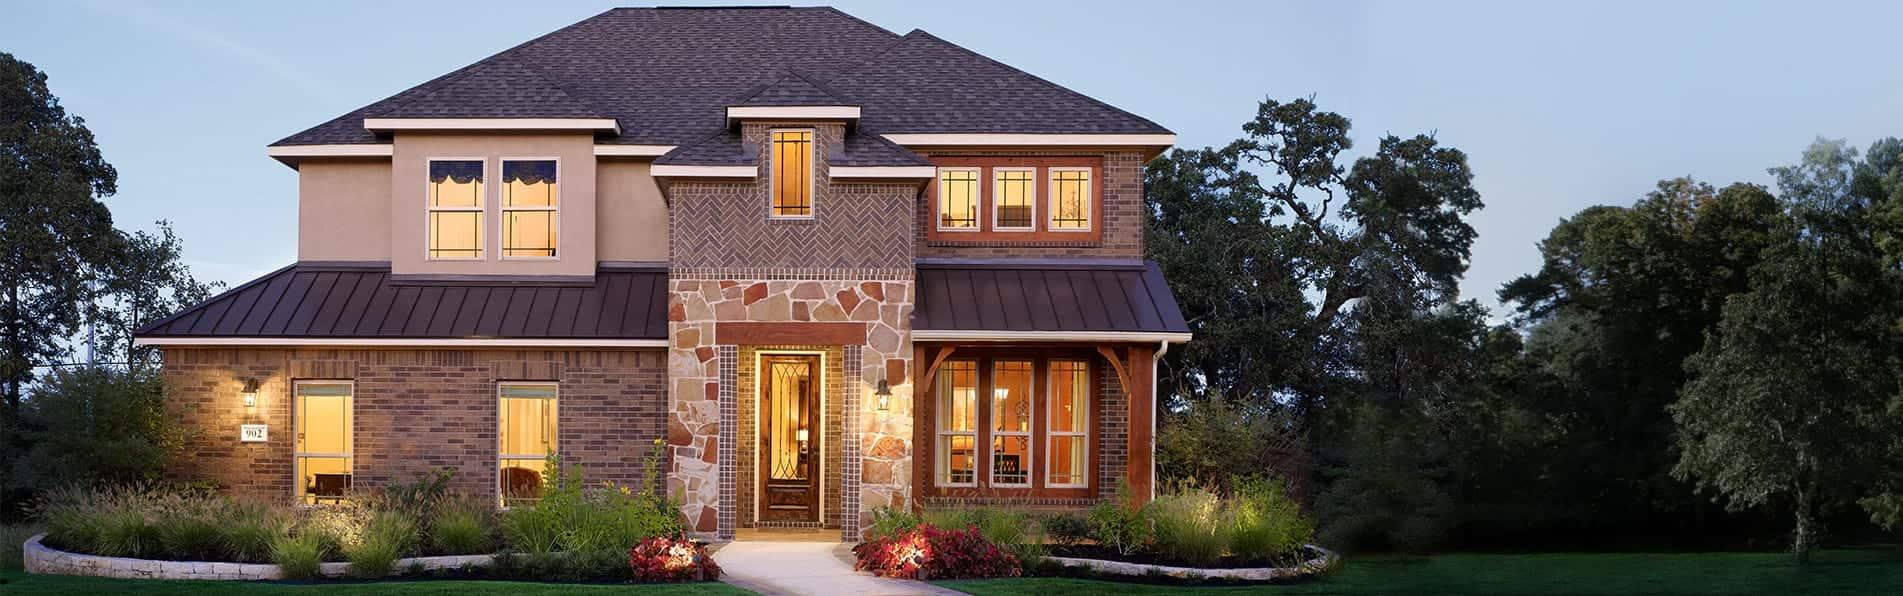 Gehan Homes Classic Redwood Floorplan Elevation – metal roofing, stone entryway & brick exterior